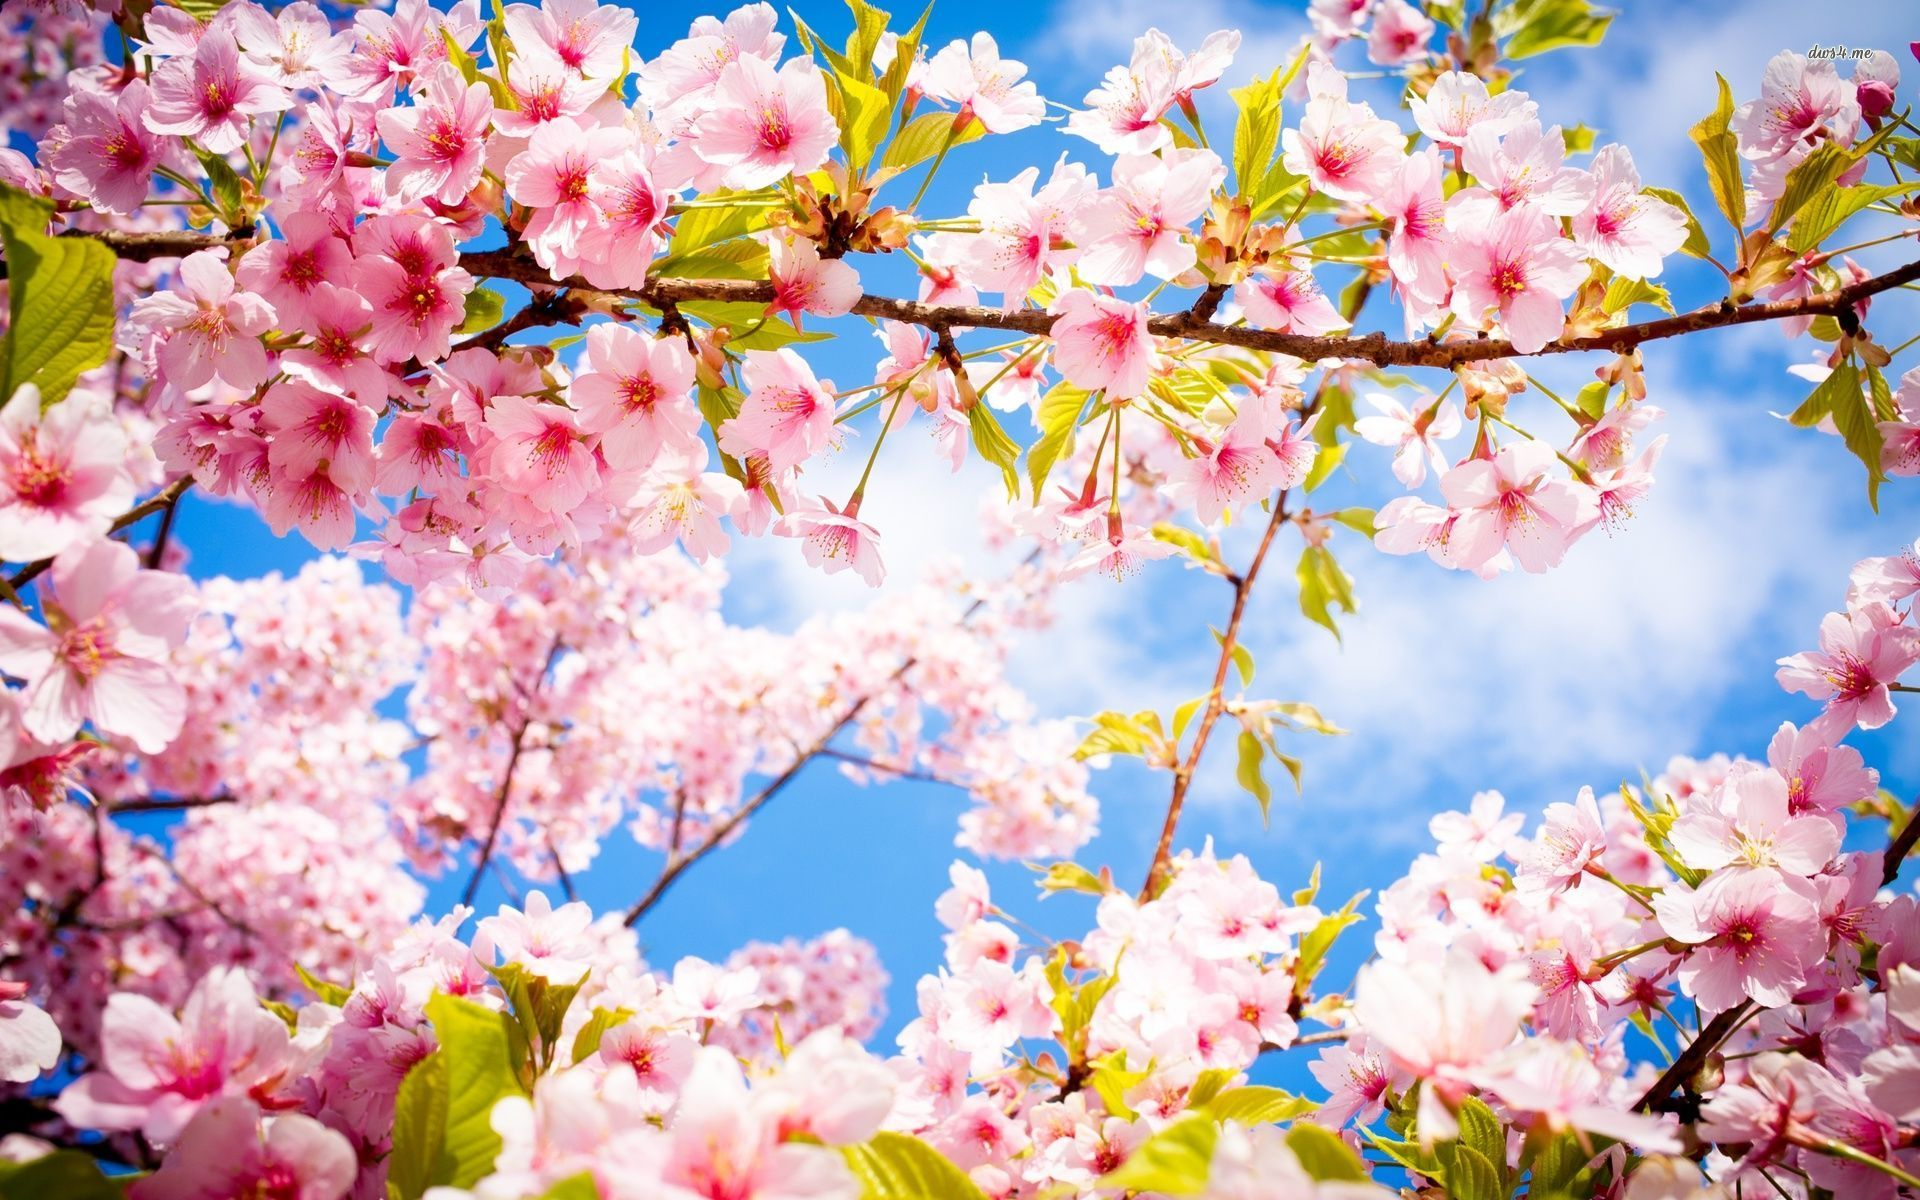 Ảnh hoa Anh đào Nhật Bản đẹp